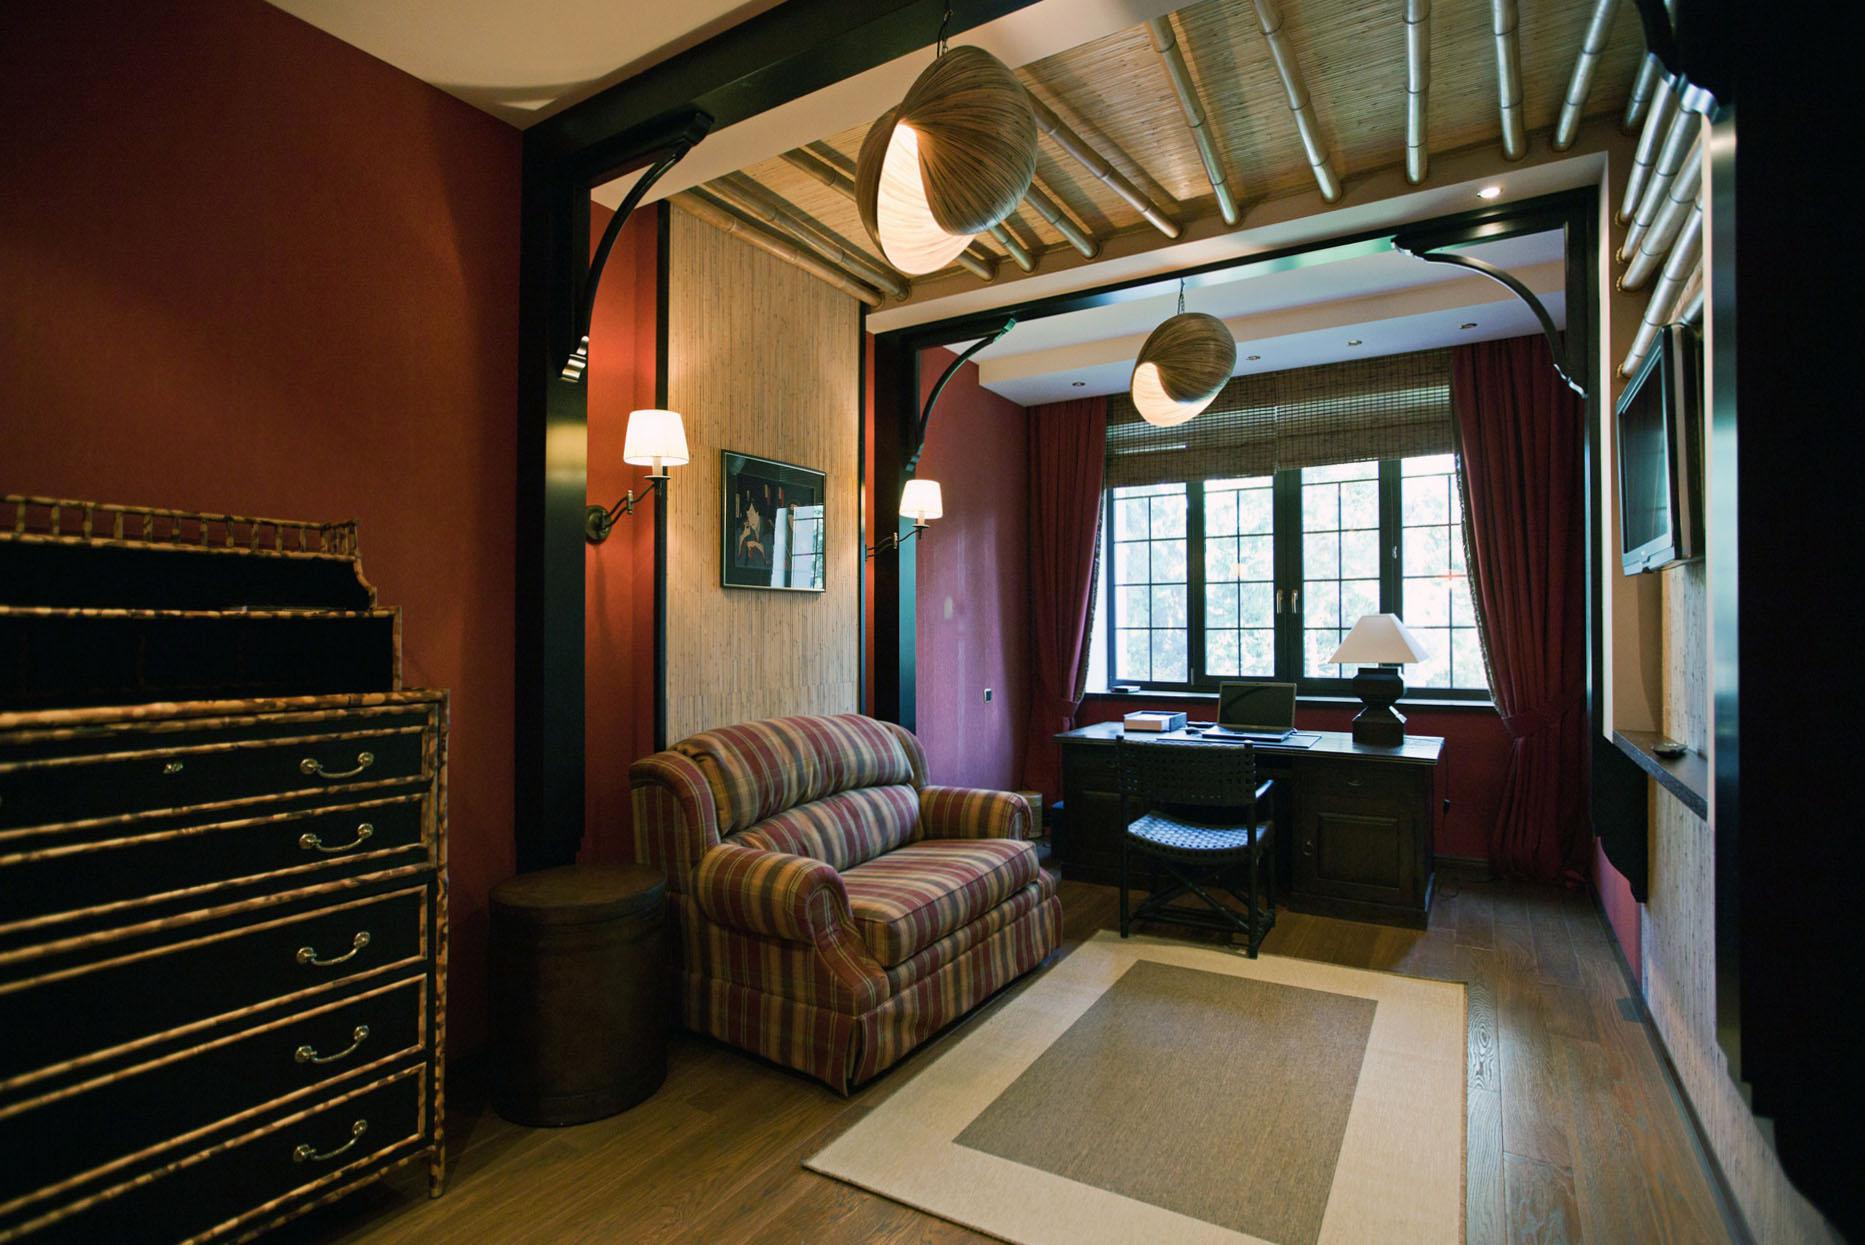 Потолок с бамбуковыми балками в комнате в колониальном стиле